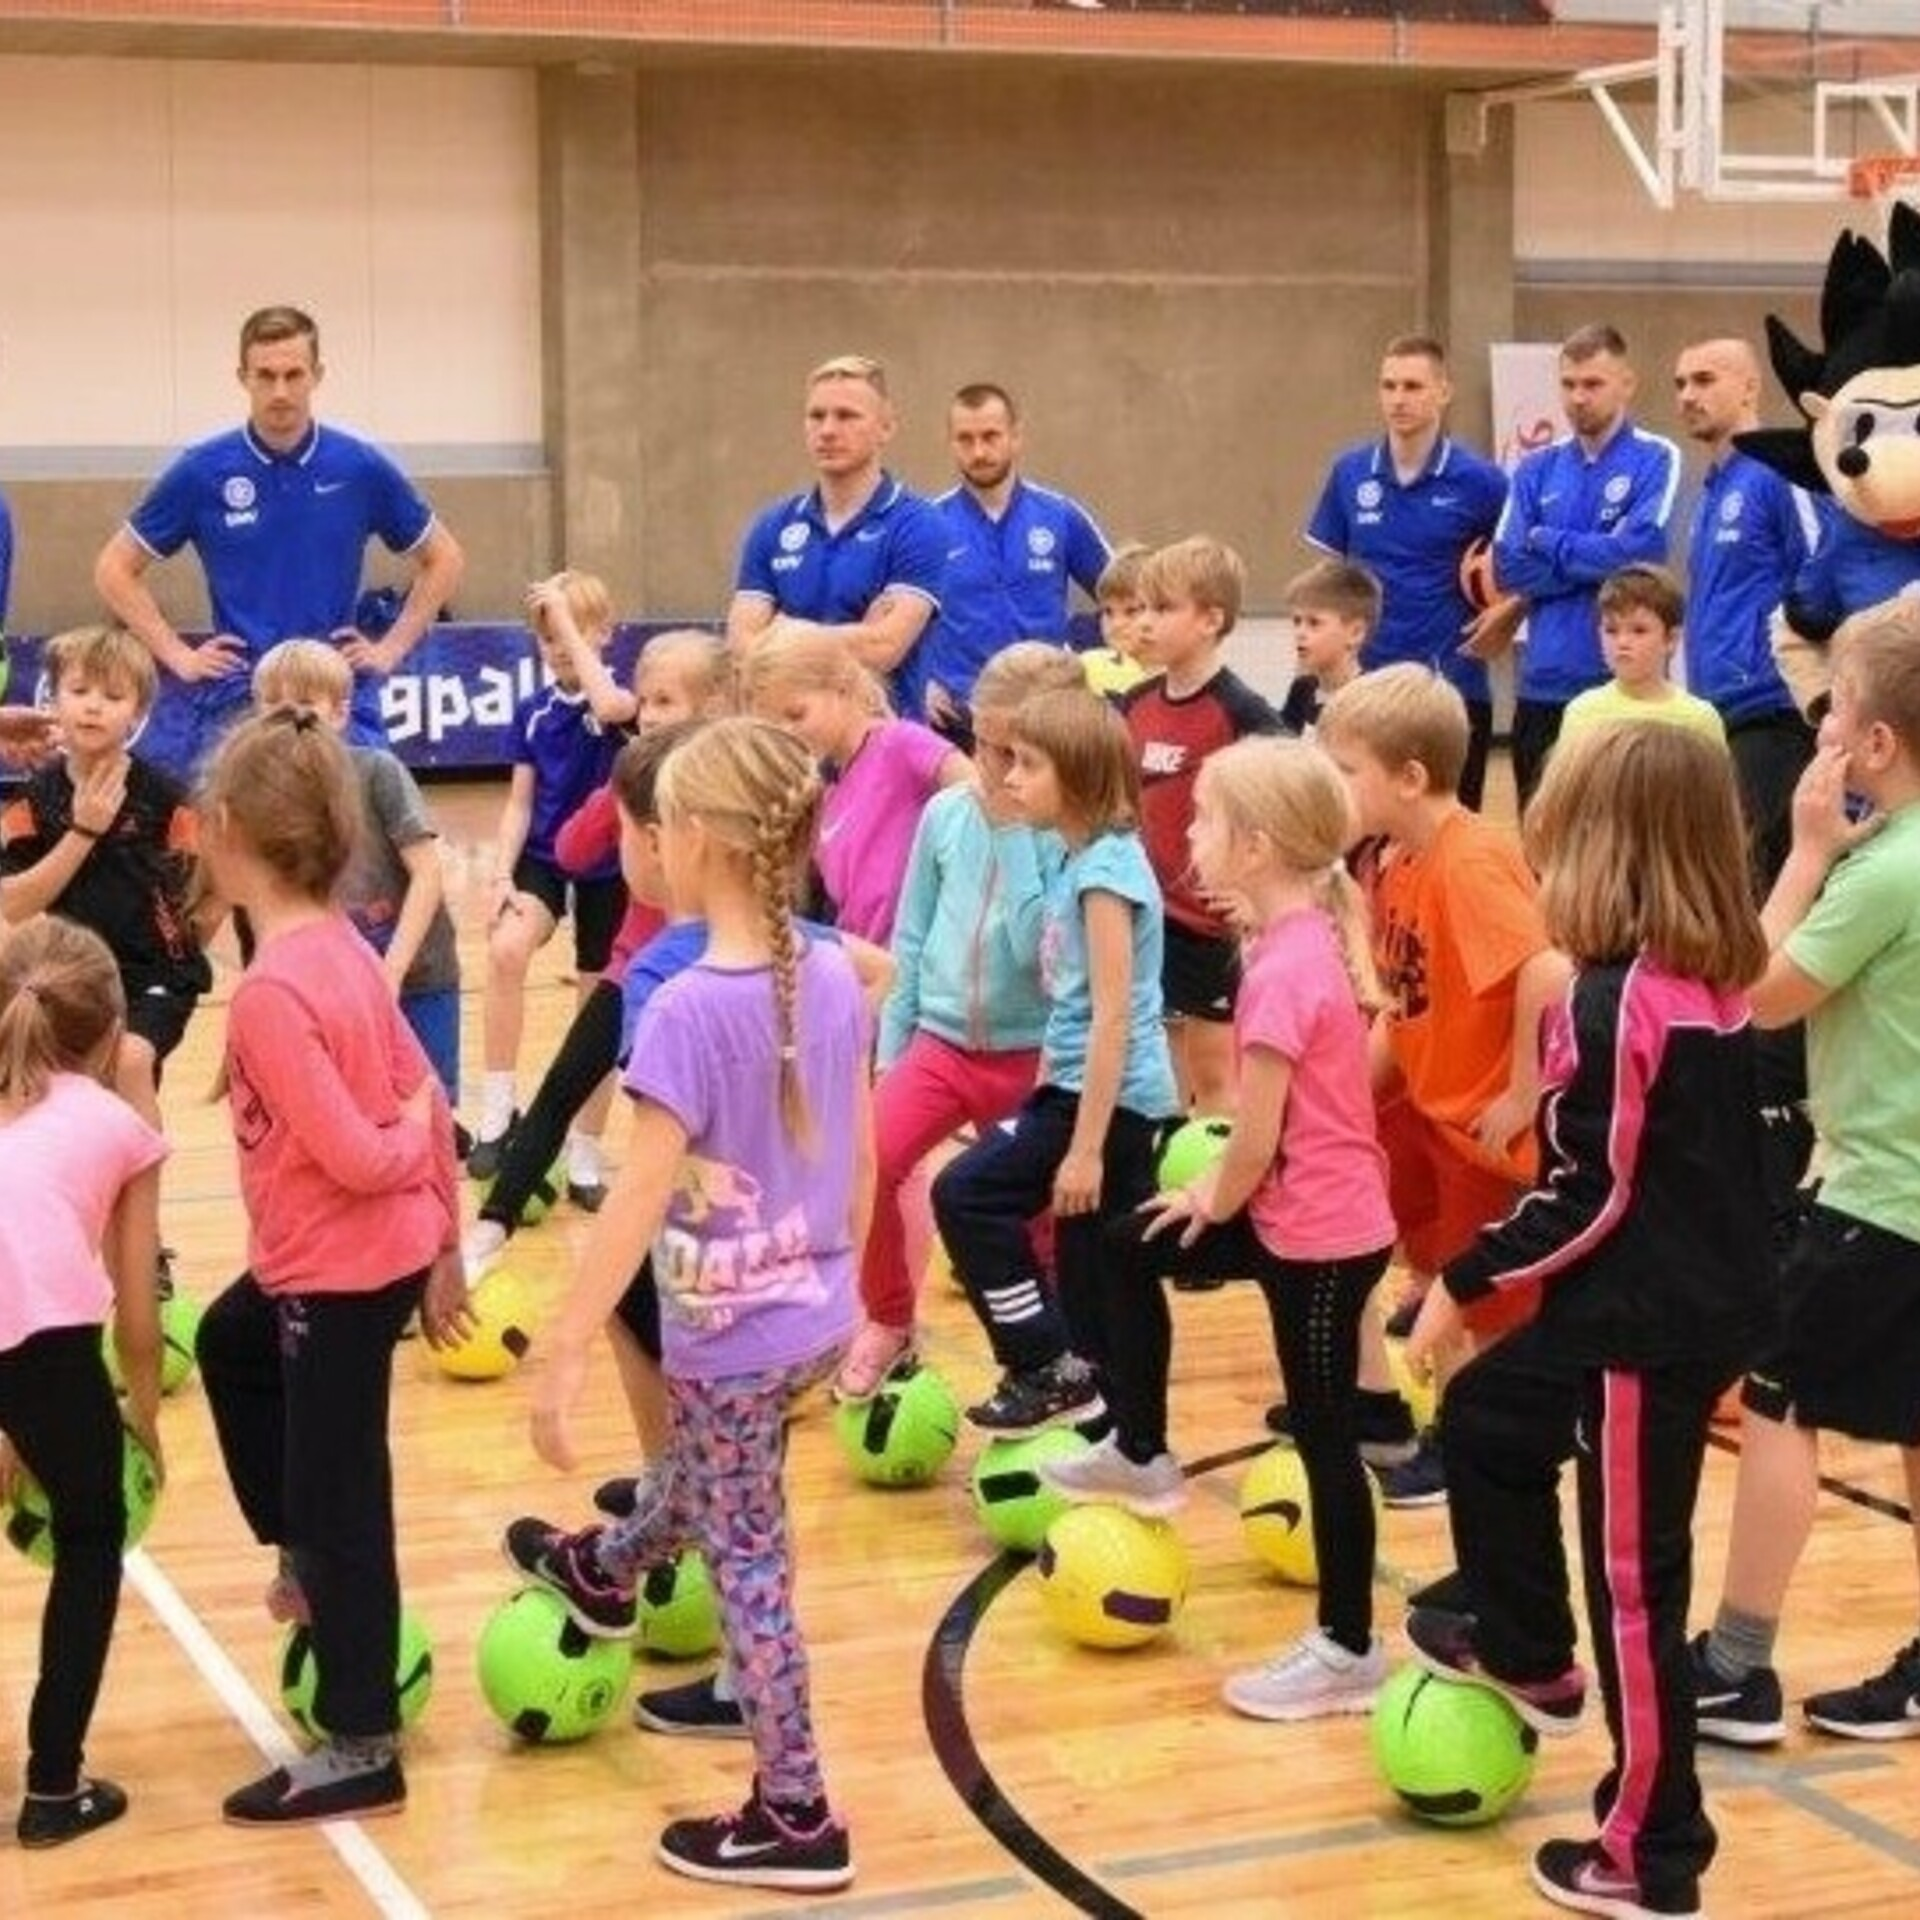 dcbc8bd4437 EJL-i kooliprojekti viiendast hooajast võttis osa üle 4000 lapse   Jalgpall    ERR